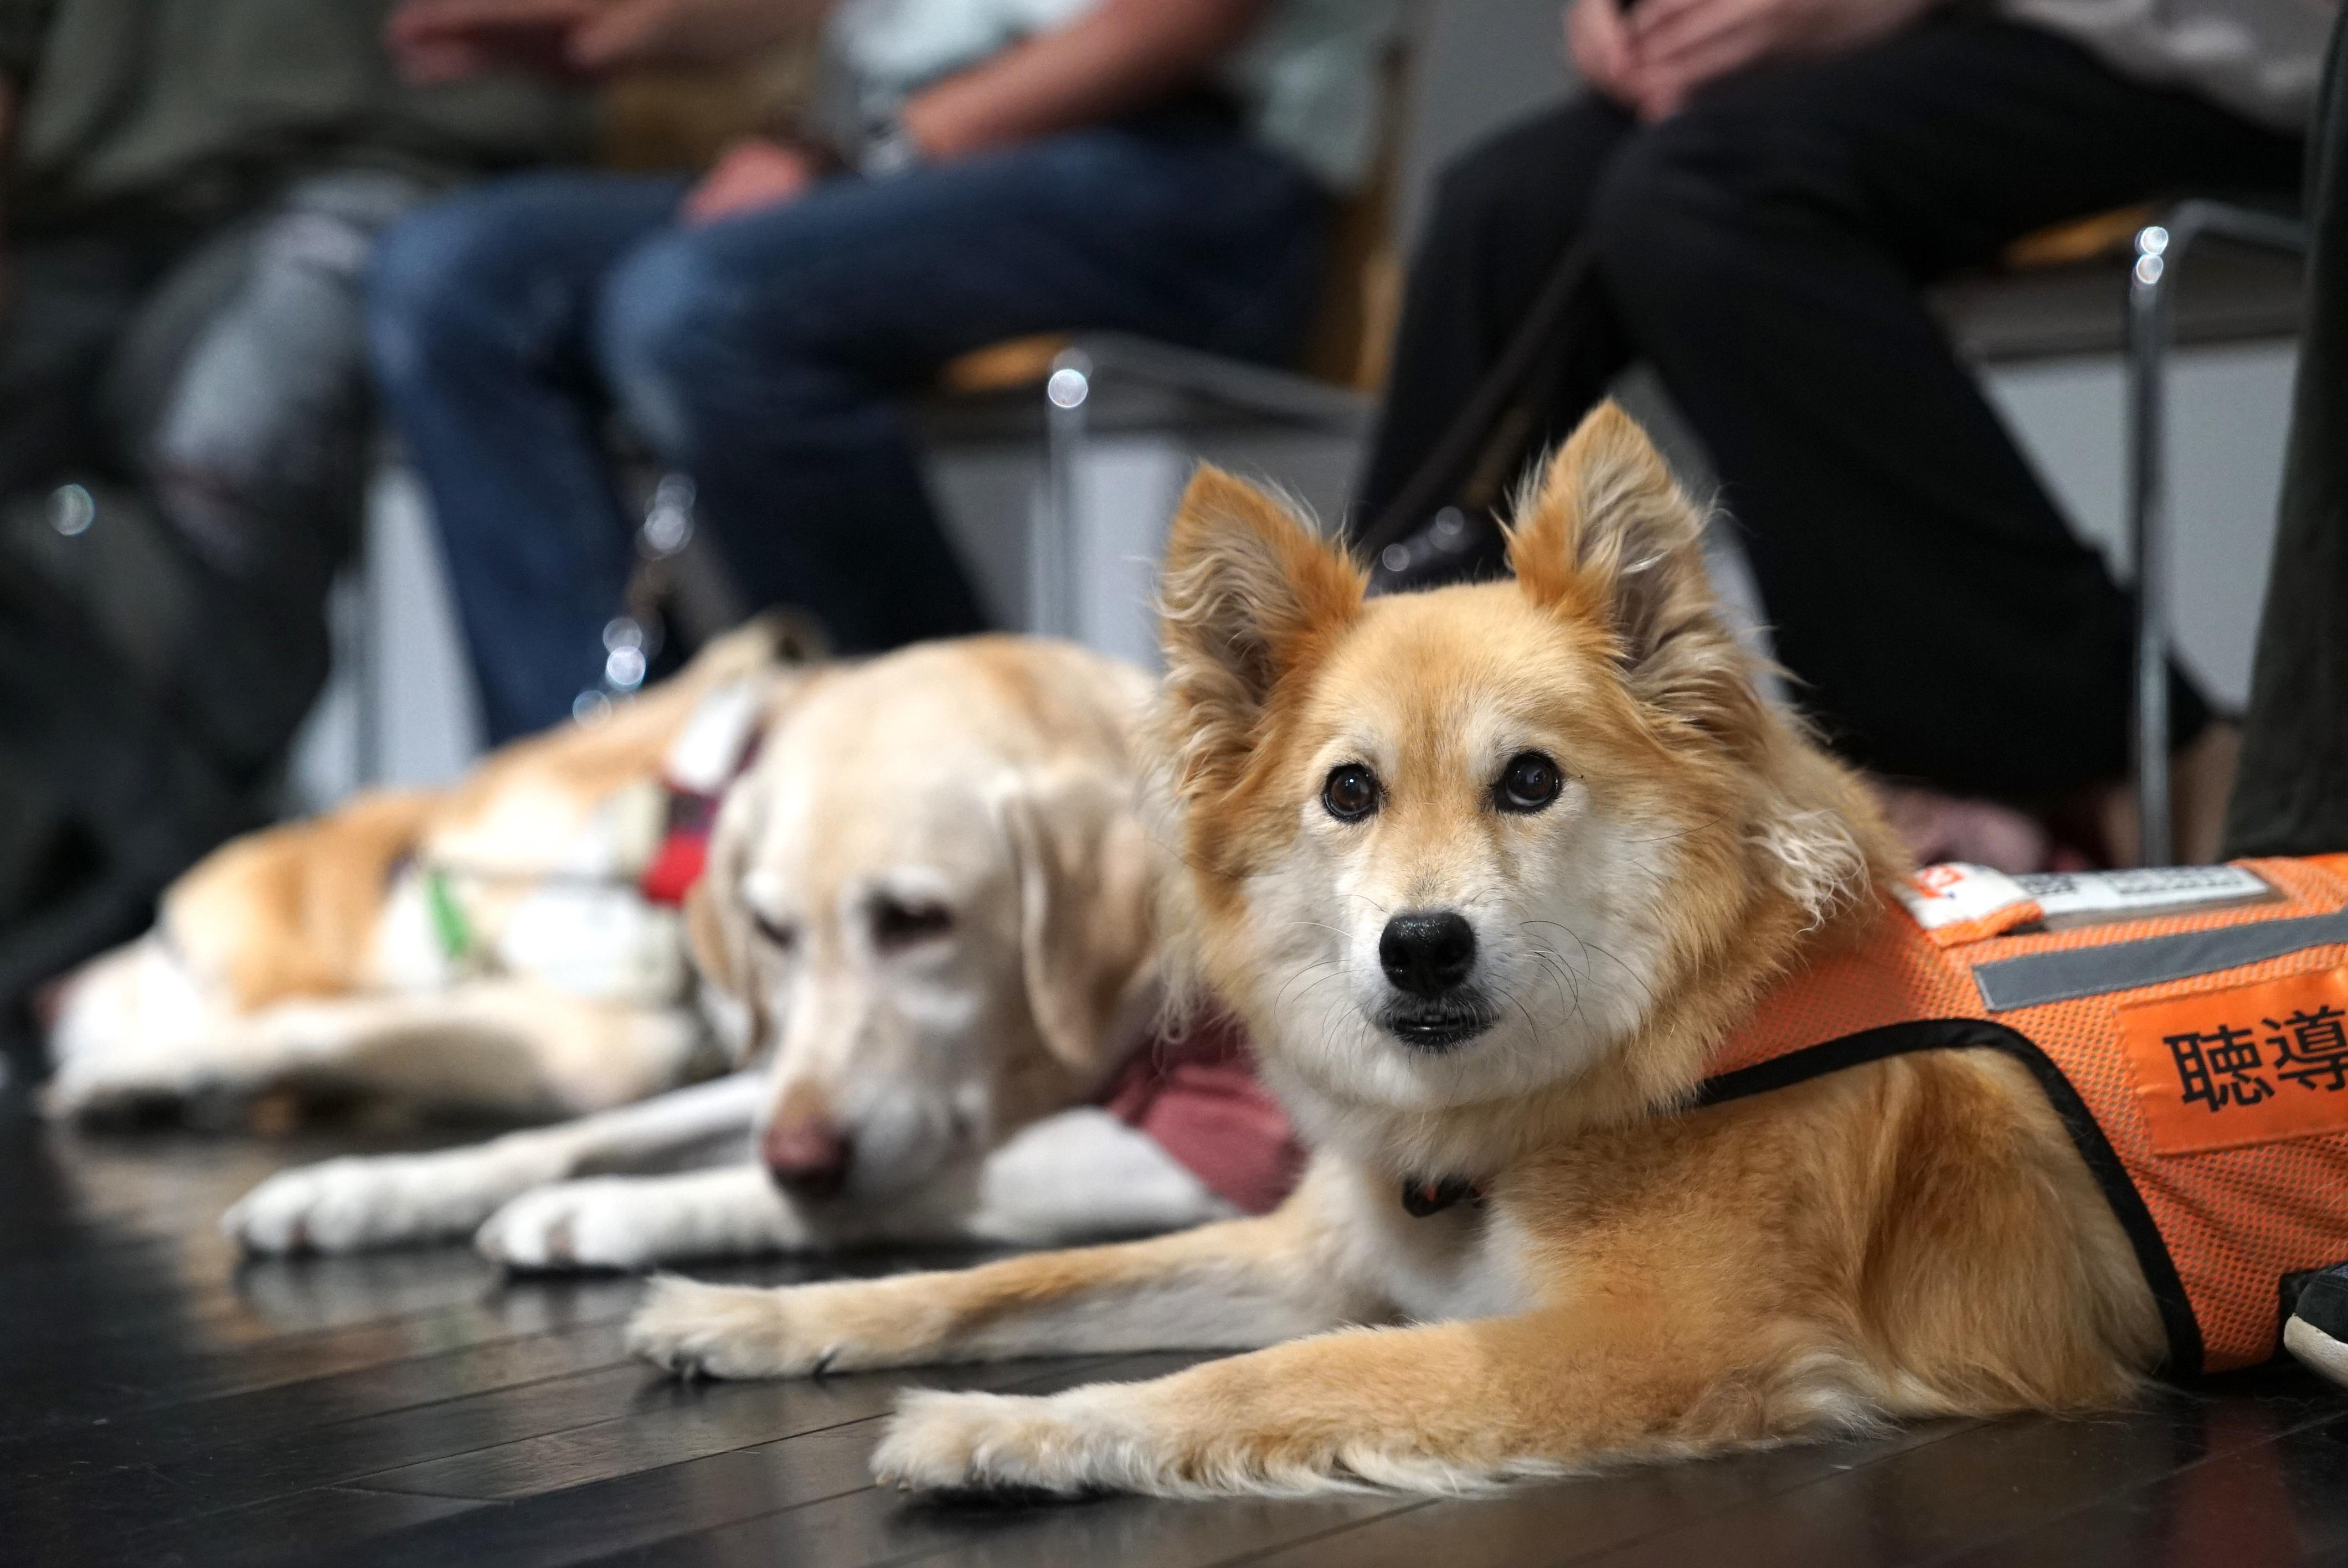 日本補助犬情報センター 補助犬法施行から15年で試み                                    10月1日【 #ほじょ犬の日 】であなたの「ありがとう」をつぶやいて